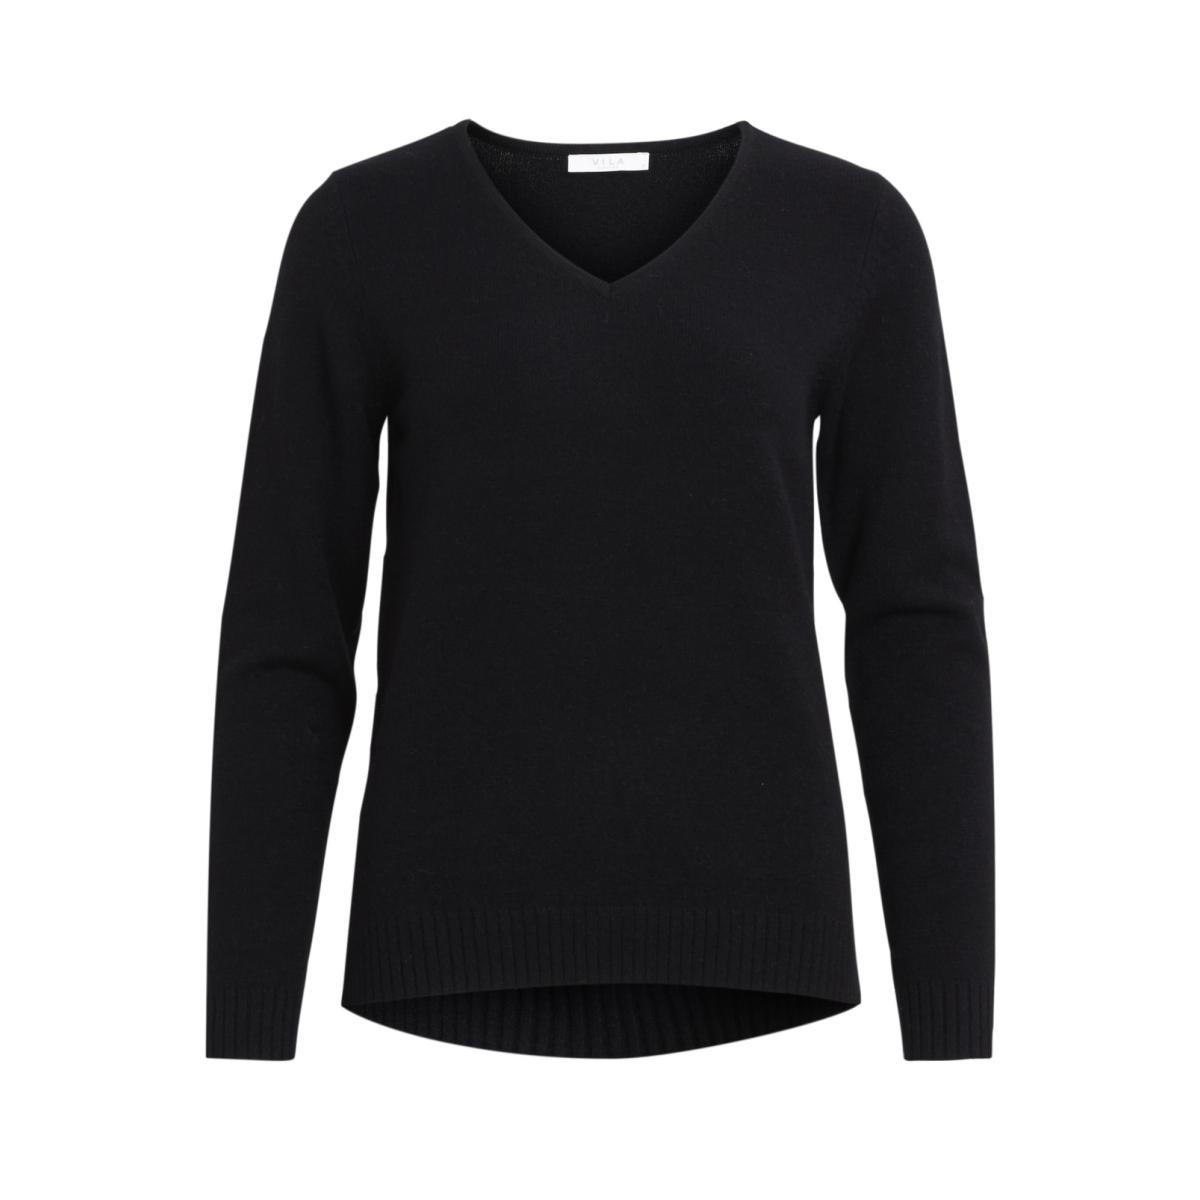 viril l/s v-neck knit top-noos 14042769 vila trui black